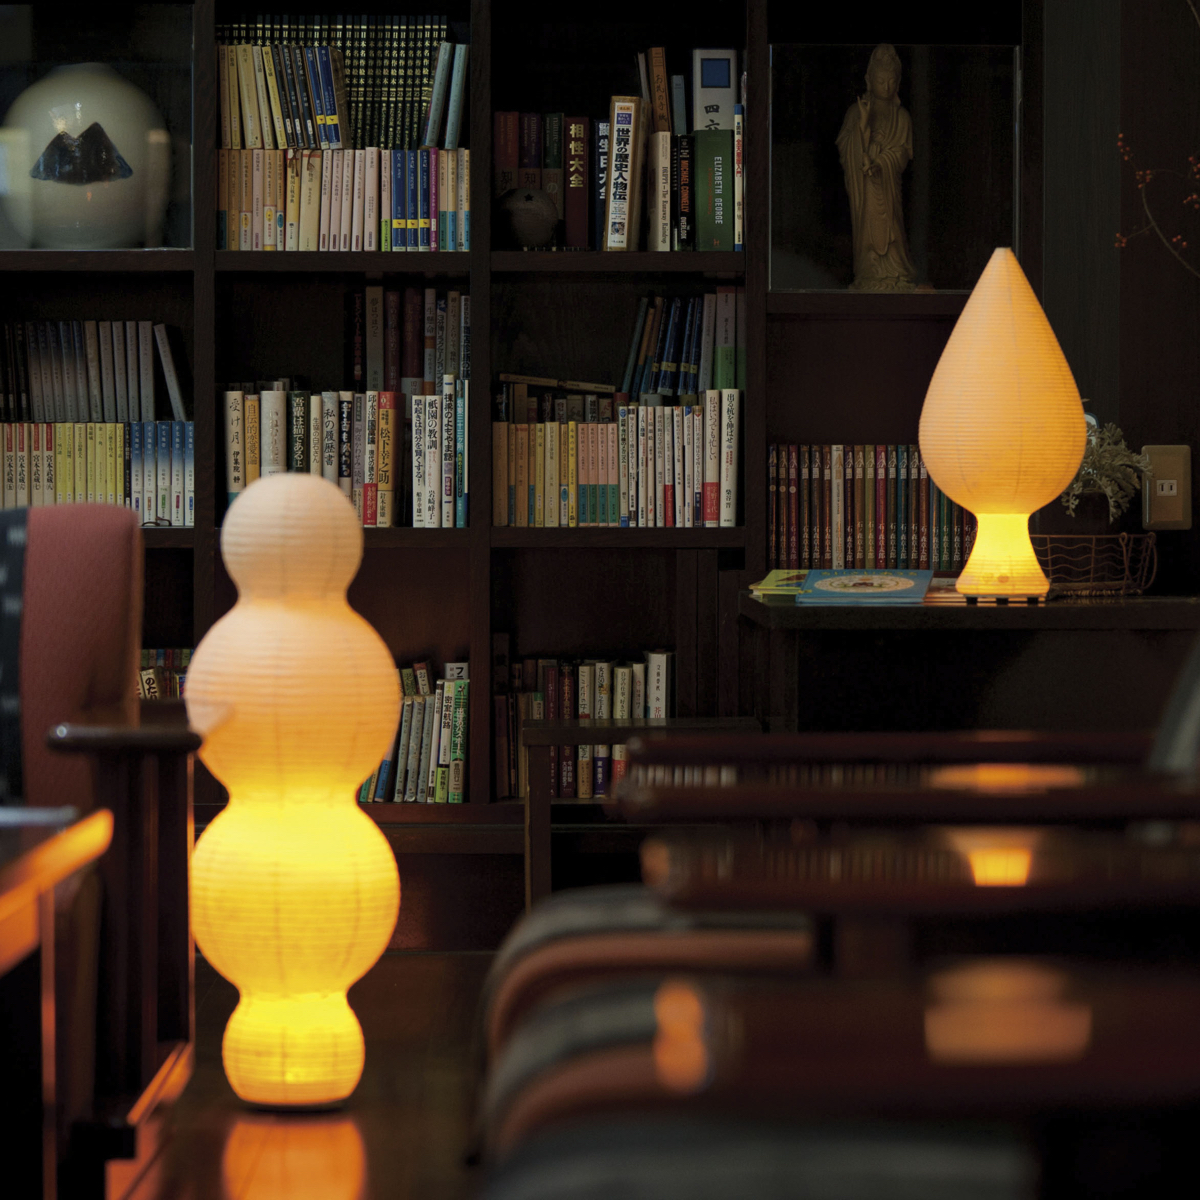 癒しの揺らぐ提灯式ランプ 深い癒しをもたらし、疲れた心身をリセット